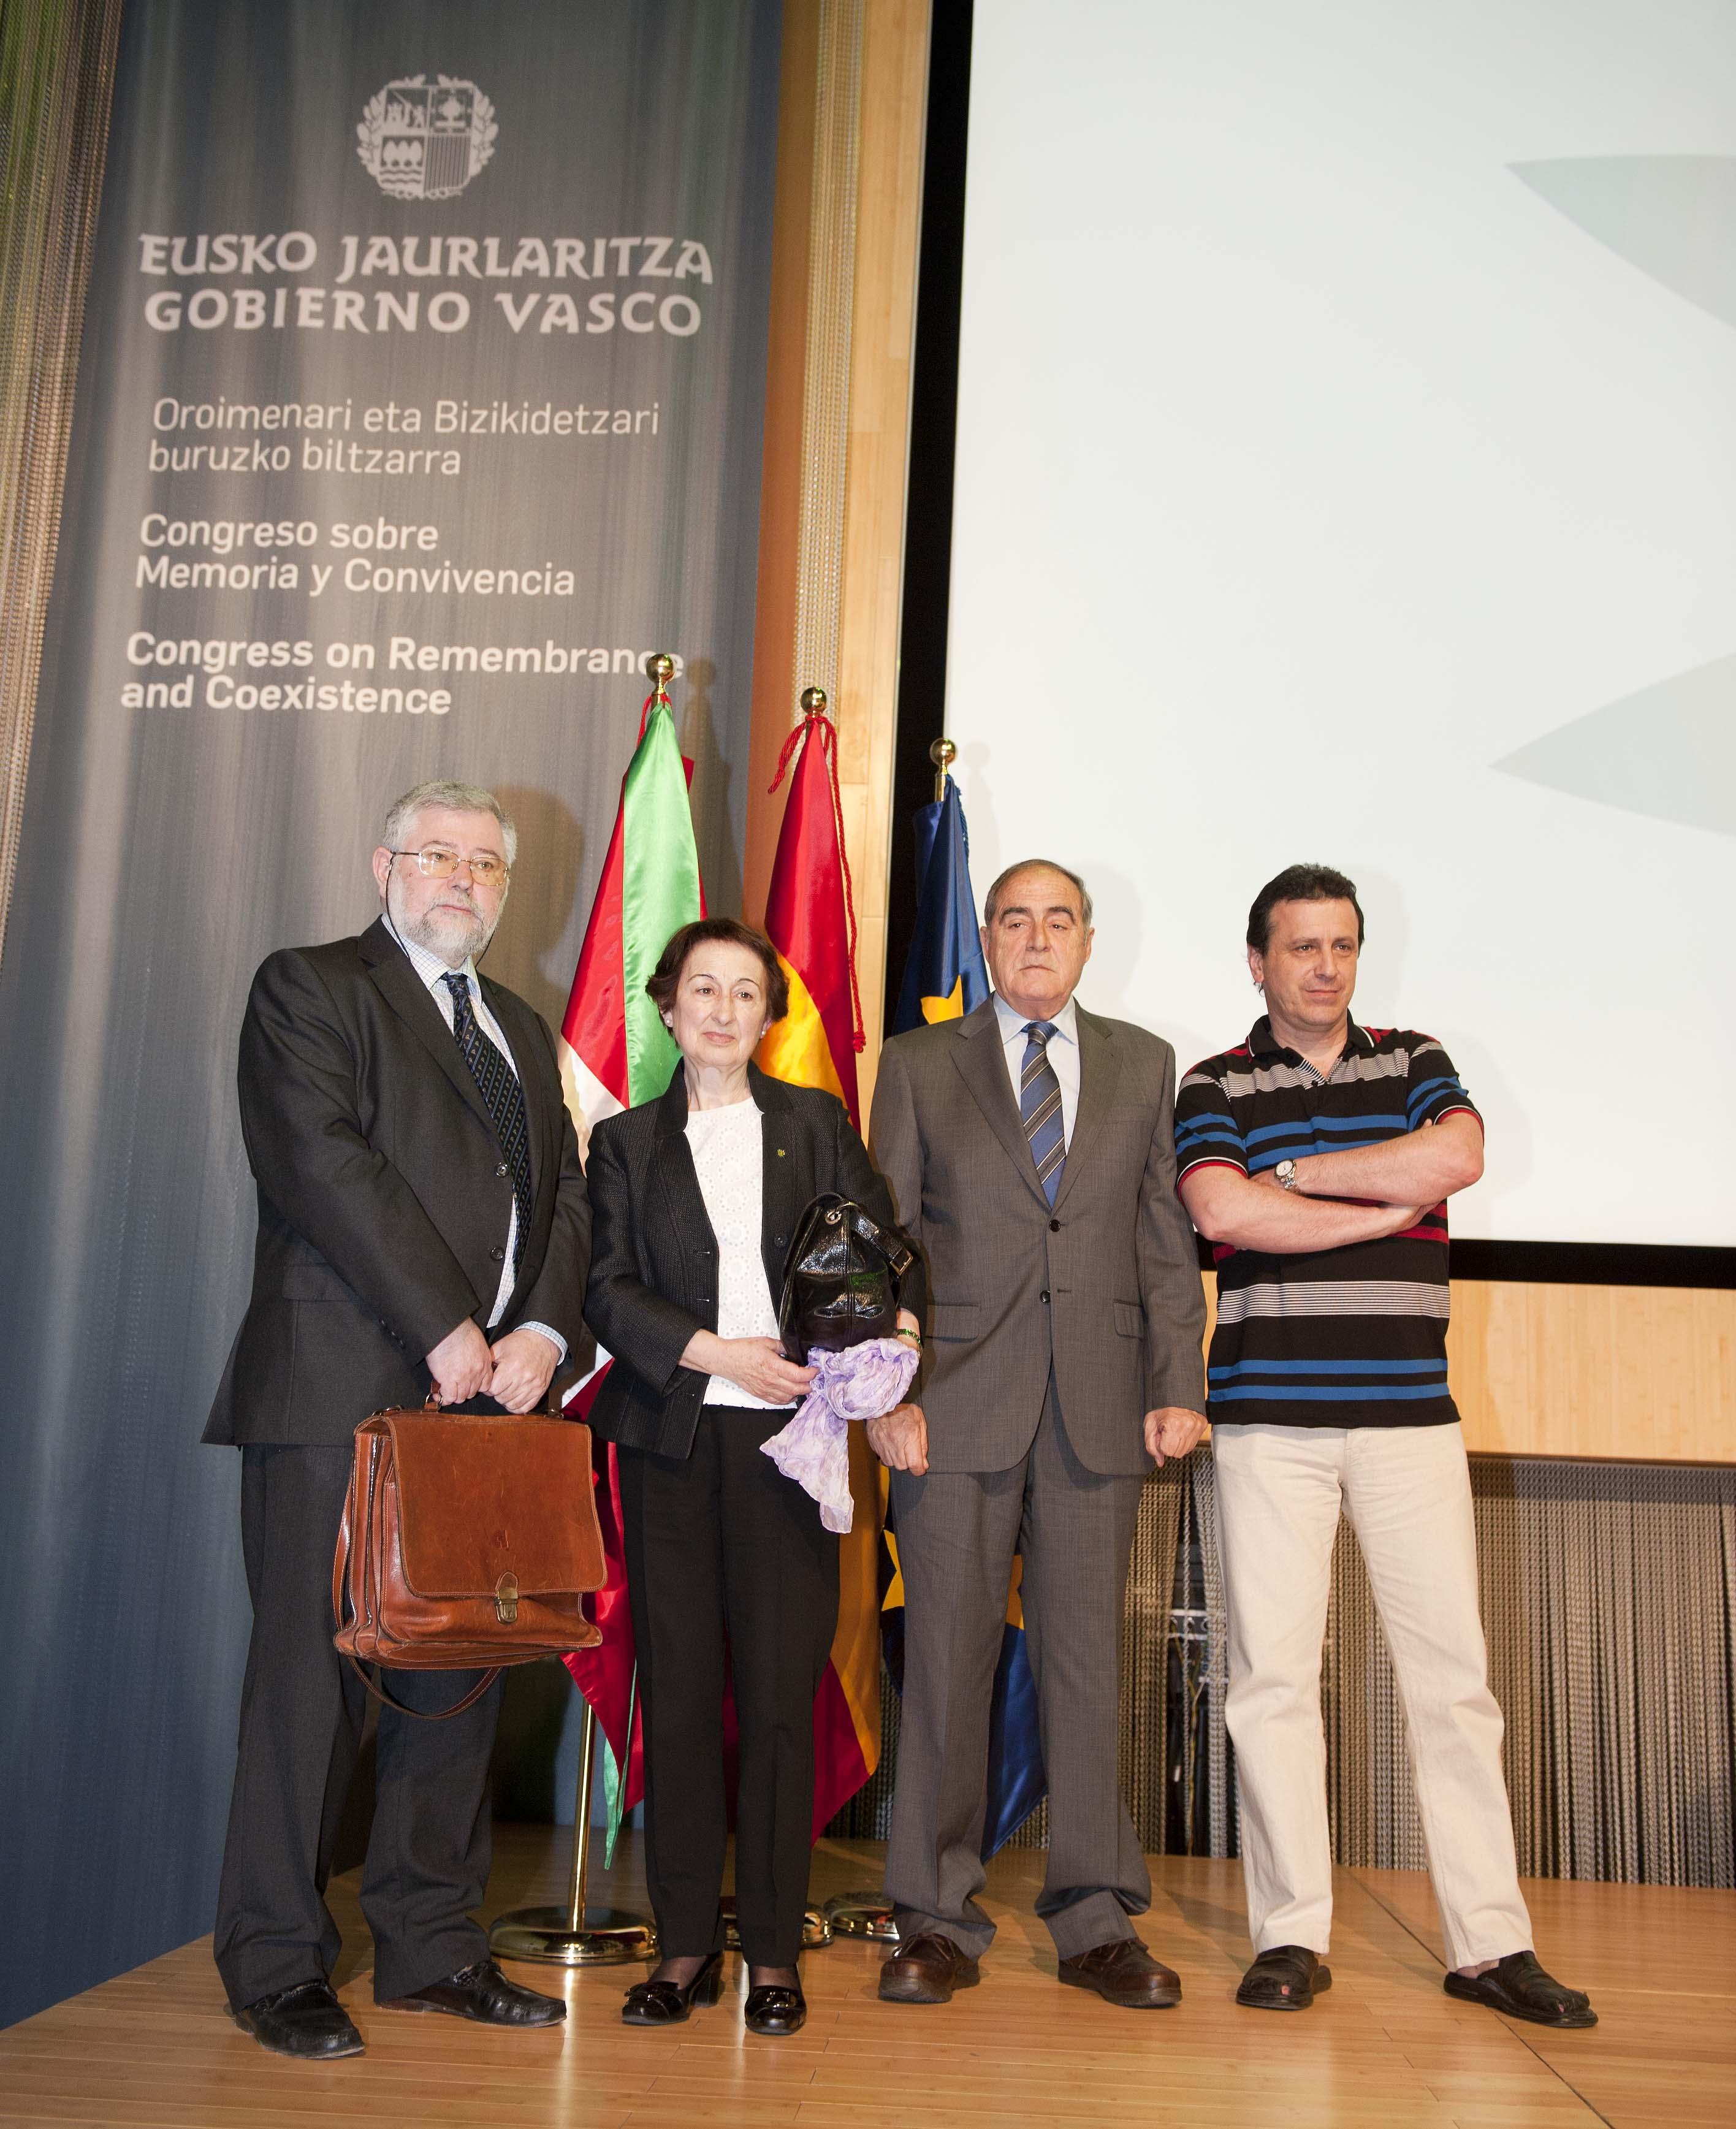 2012_05_14_congreso_memoria_convivencia_13.jpg